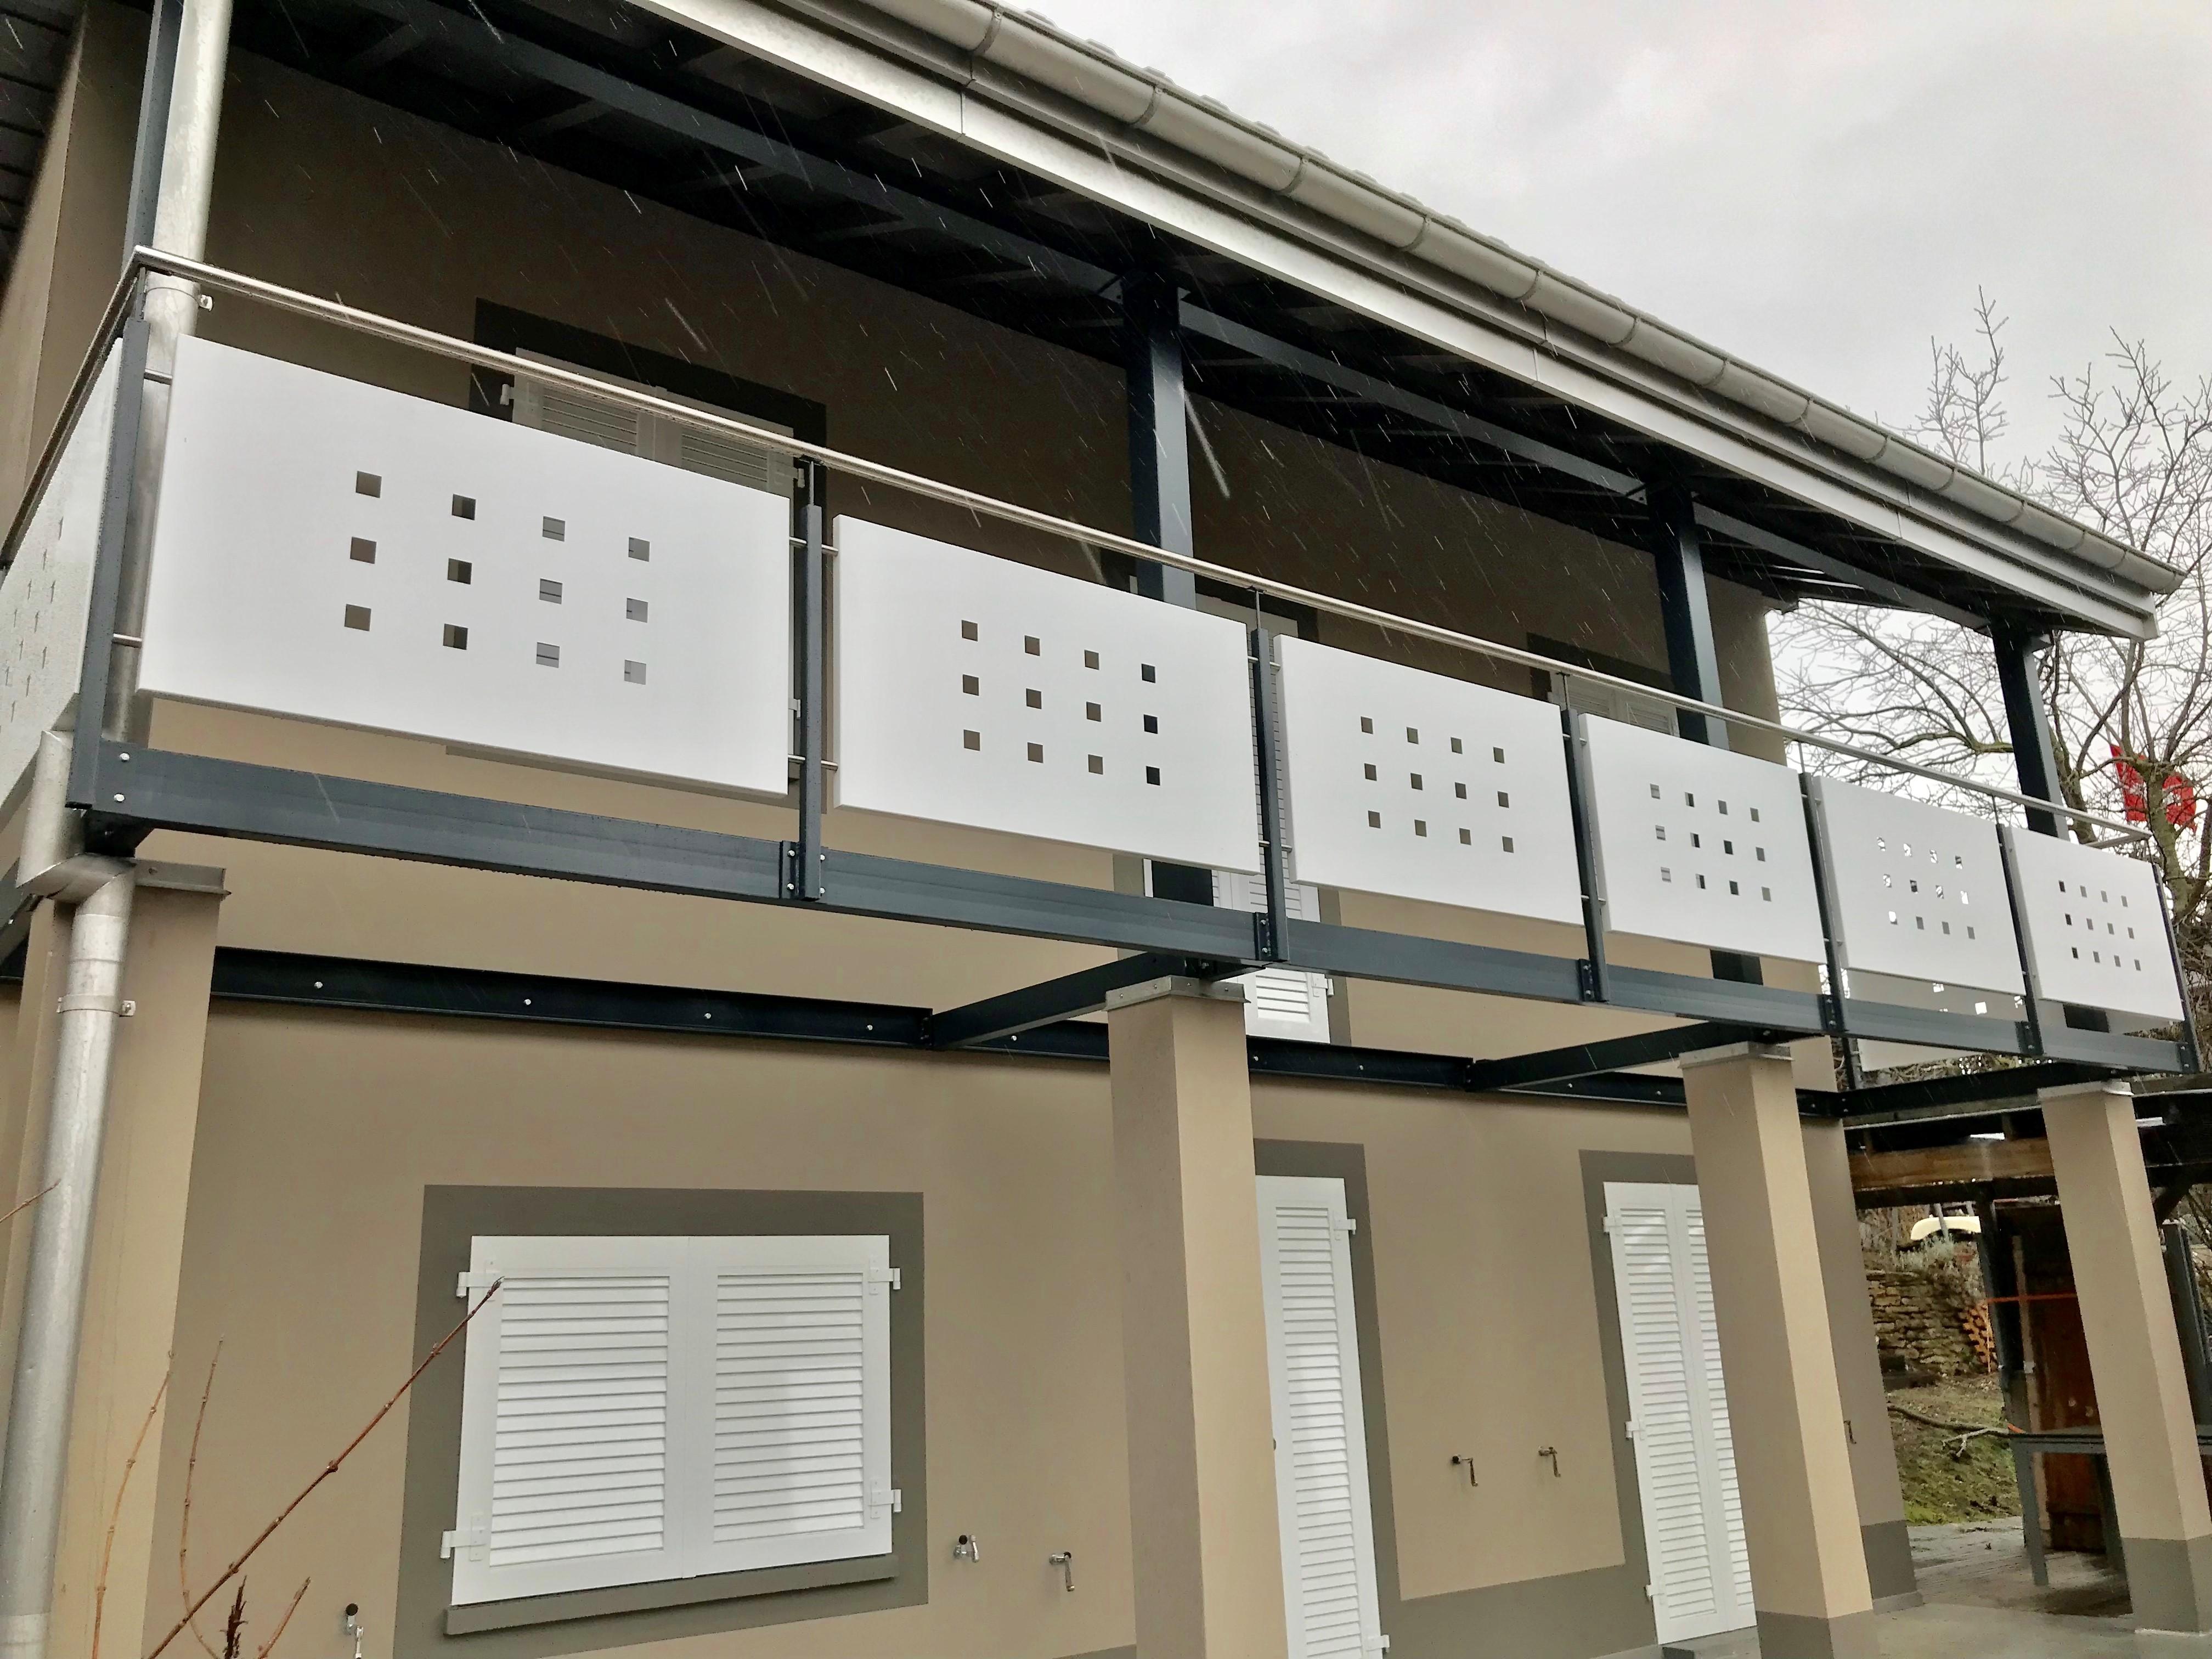 Lavori di costruzione in metallo (porte da garage, barriere, ecc...)